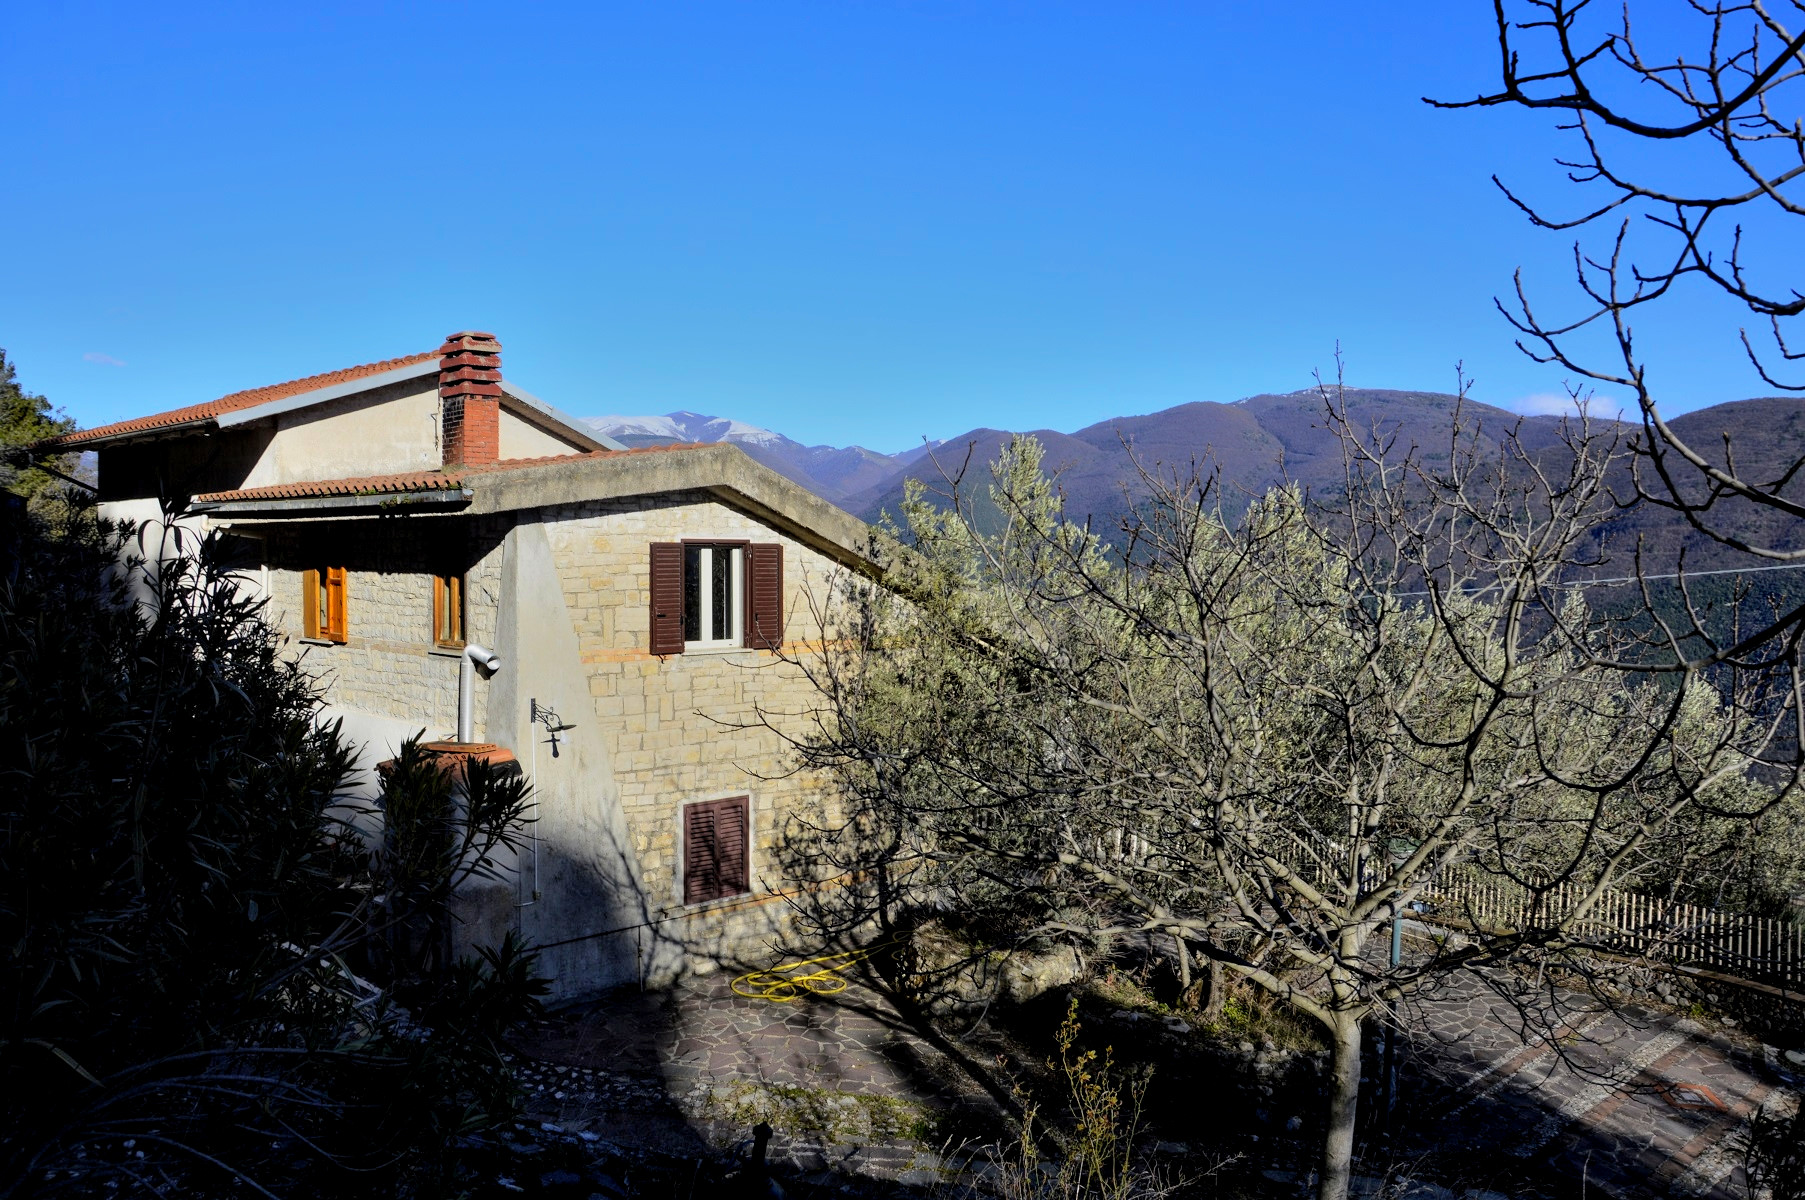 Villa in vendita a Terni, 4 locali, prezzo € 87.000 | Cambio Casa.it